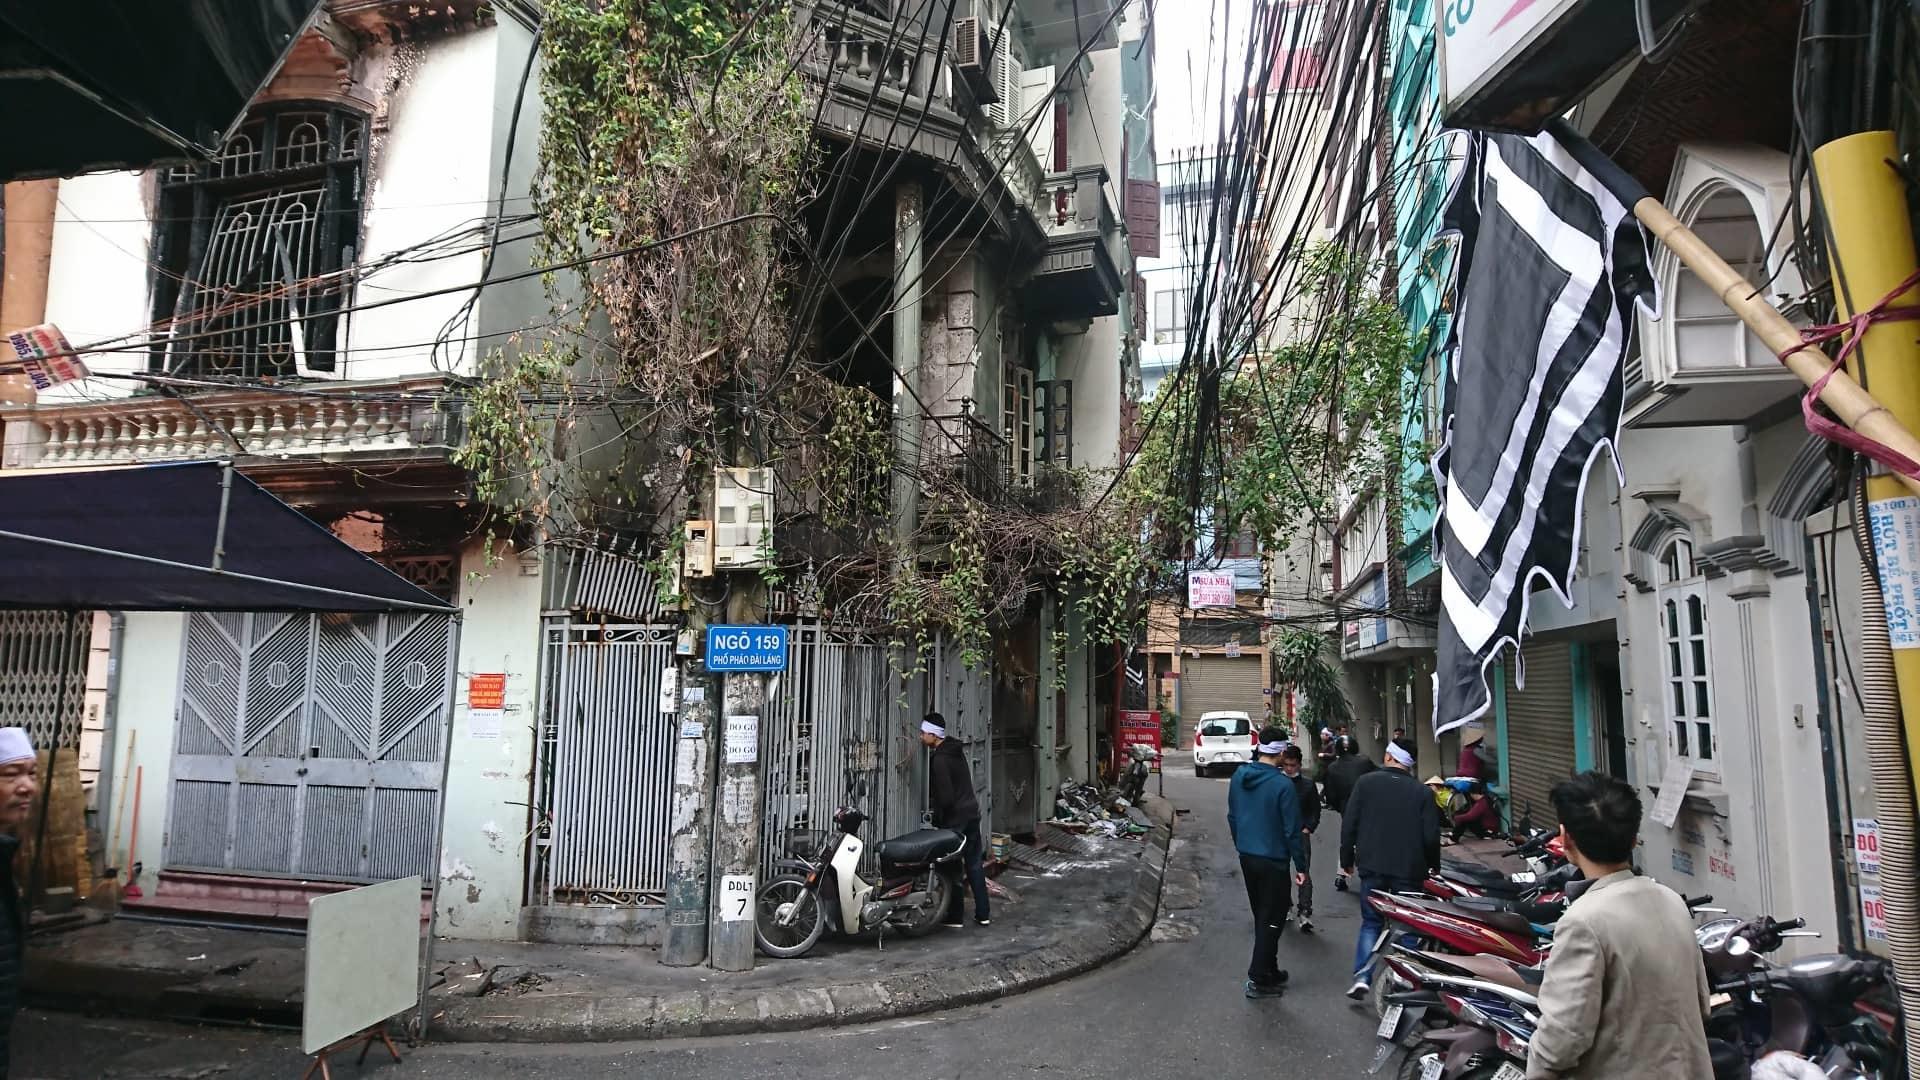 Hà Nội: Cháy nhà lúc rạng sáng, nhiều người nhập viện-5